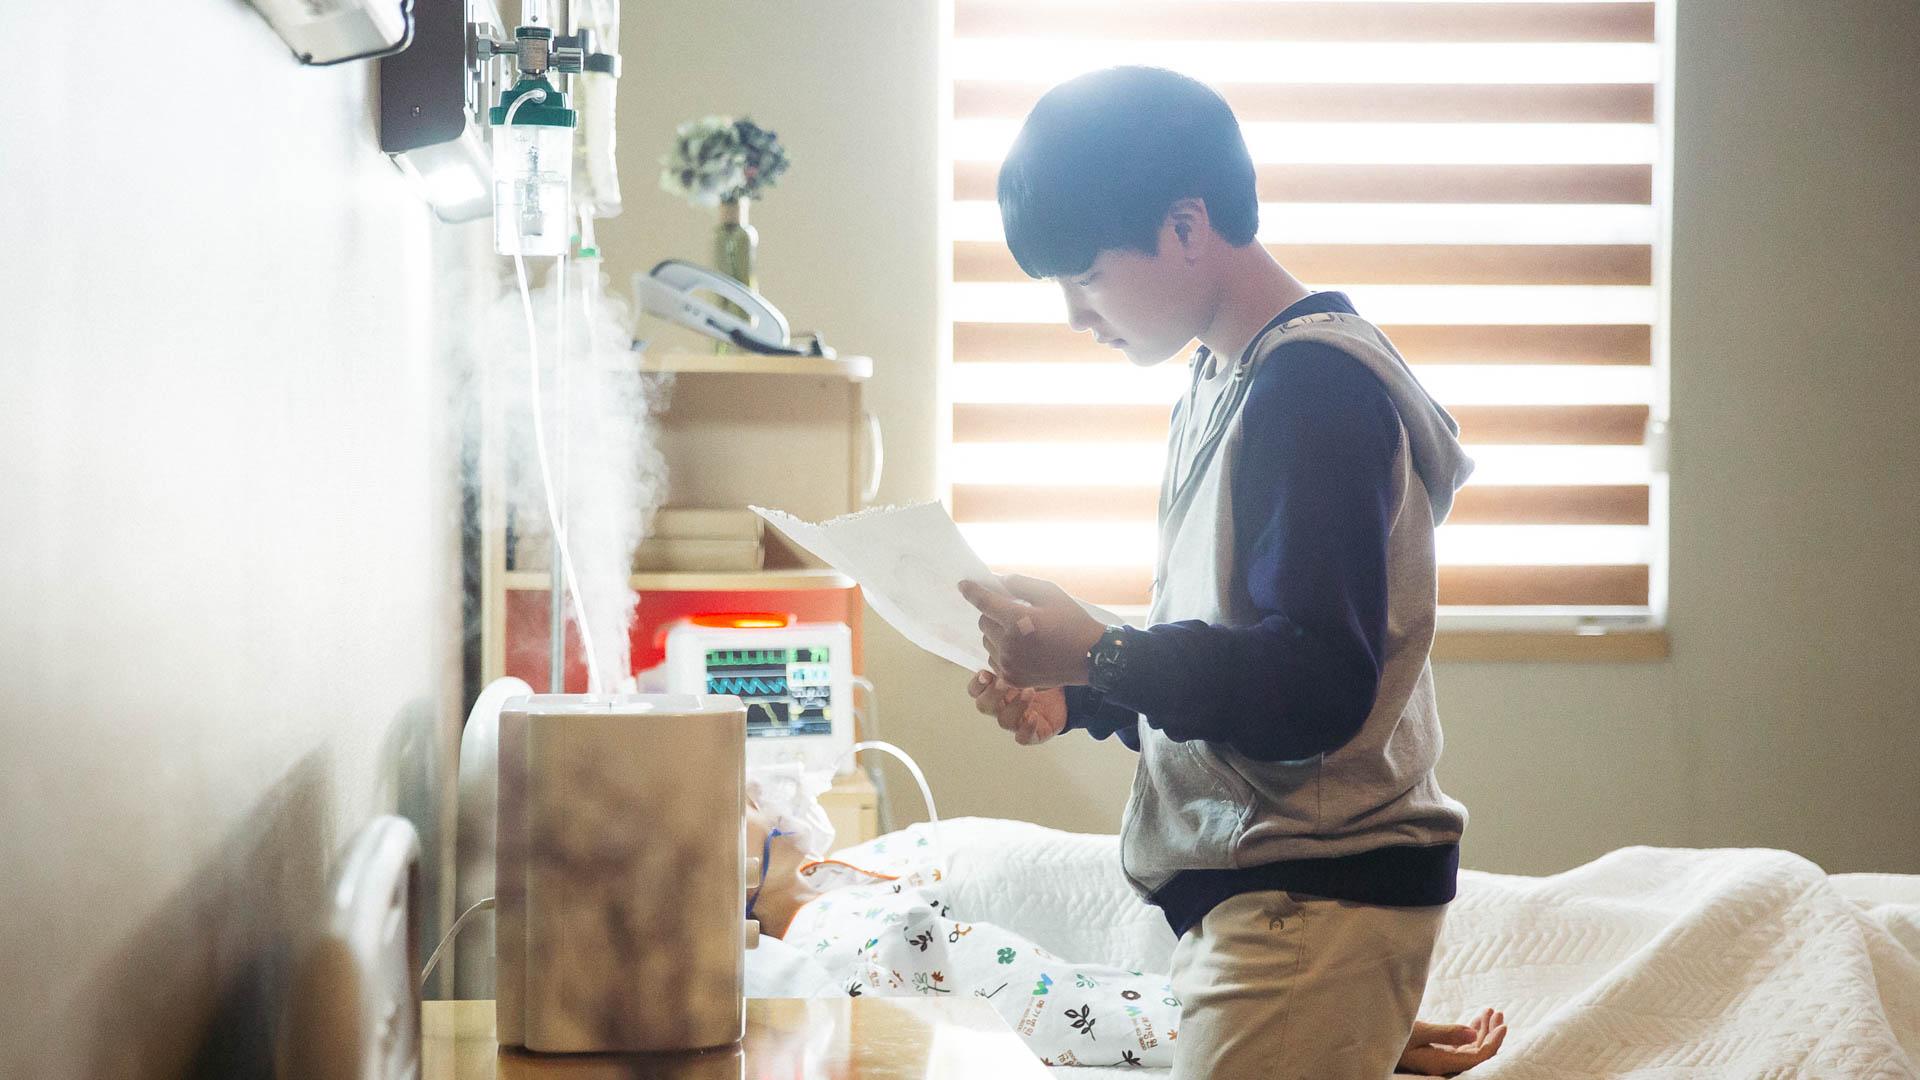 Hvem skal skape et nytt hjem for 12 år gamle Jun-Ho når moren hans ligger døende på sykehus og faren ikke gidder å bry seg med ham?